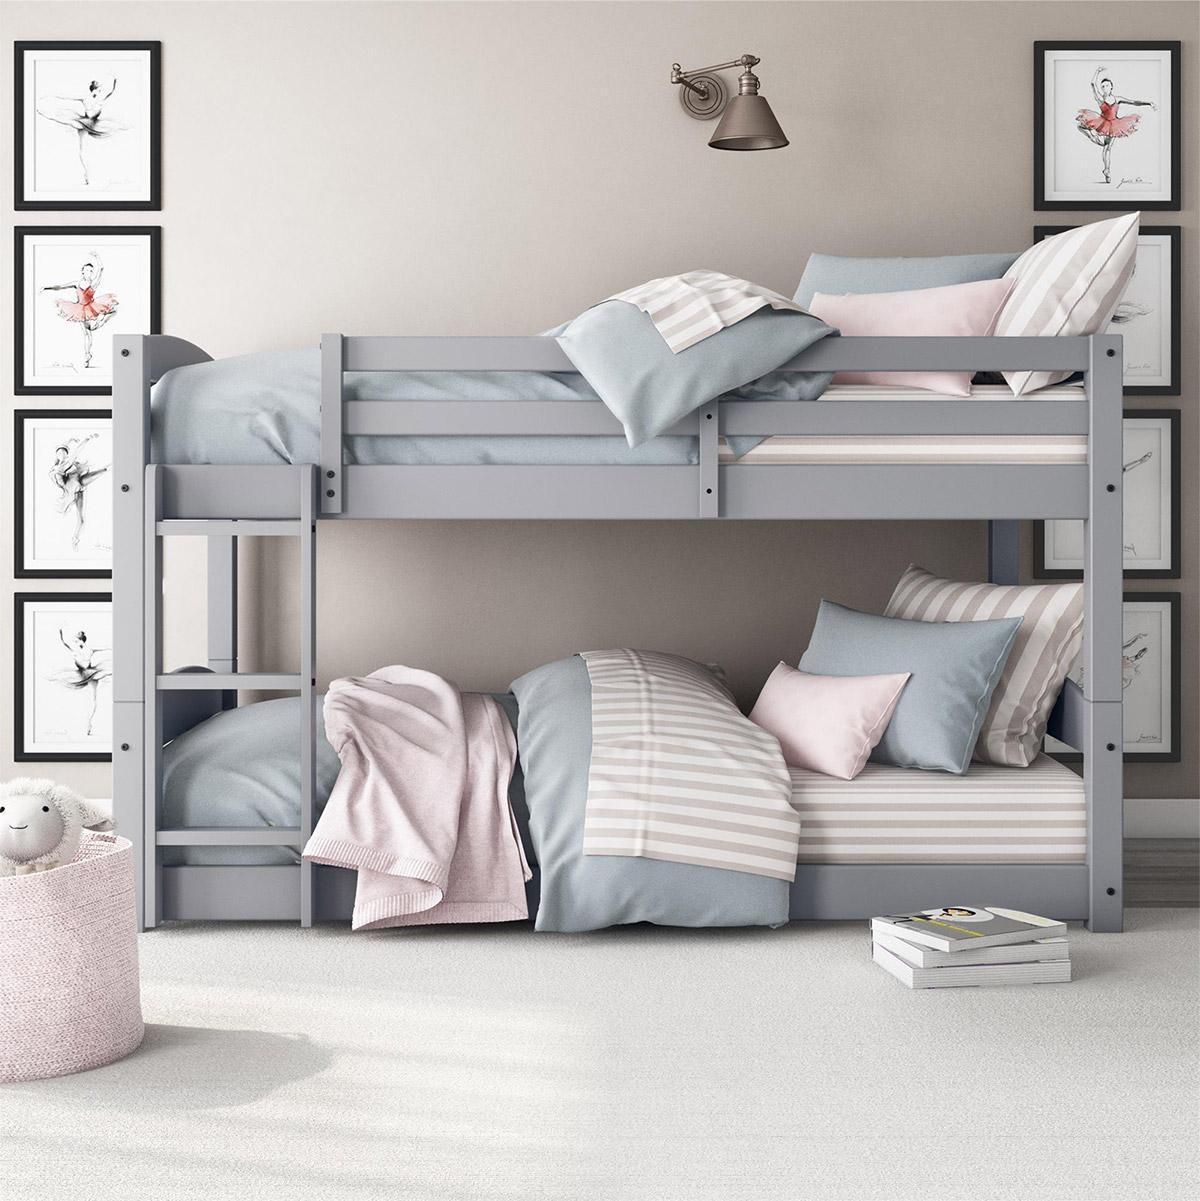 thiết kế giường tầng hiện đại